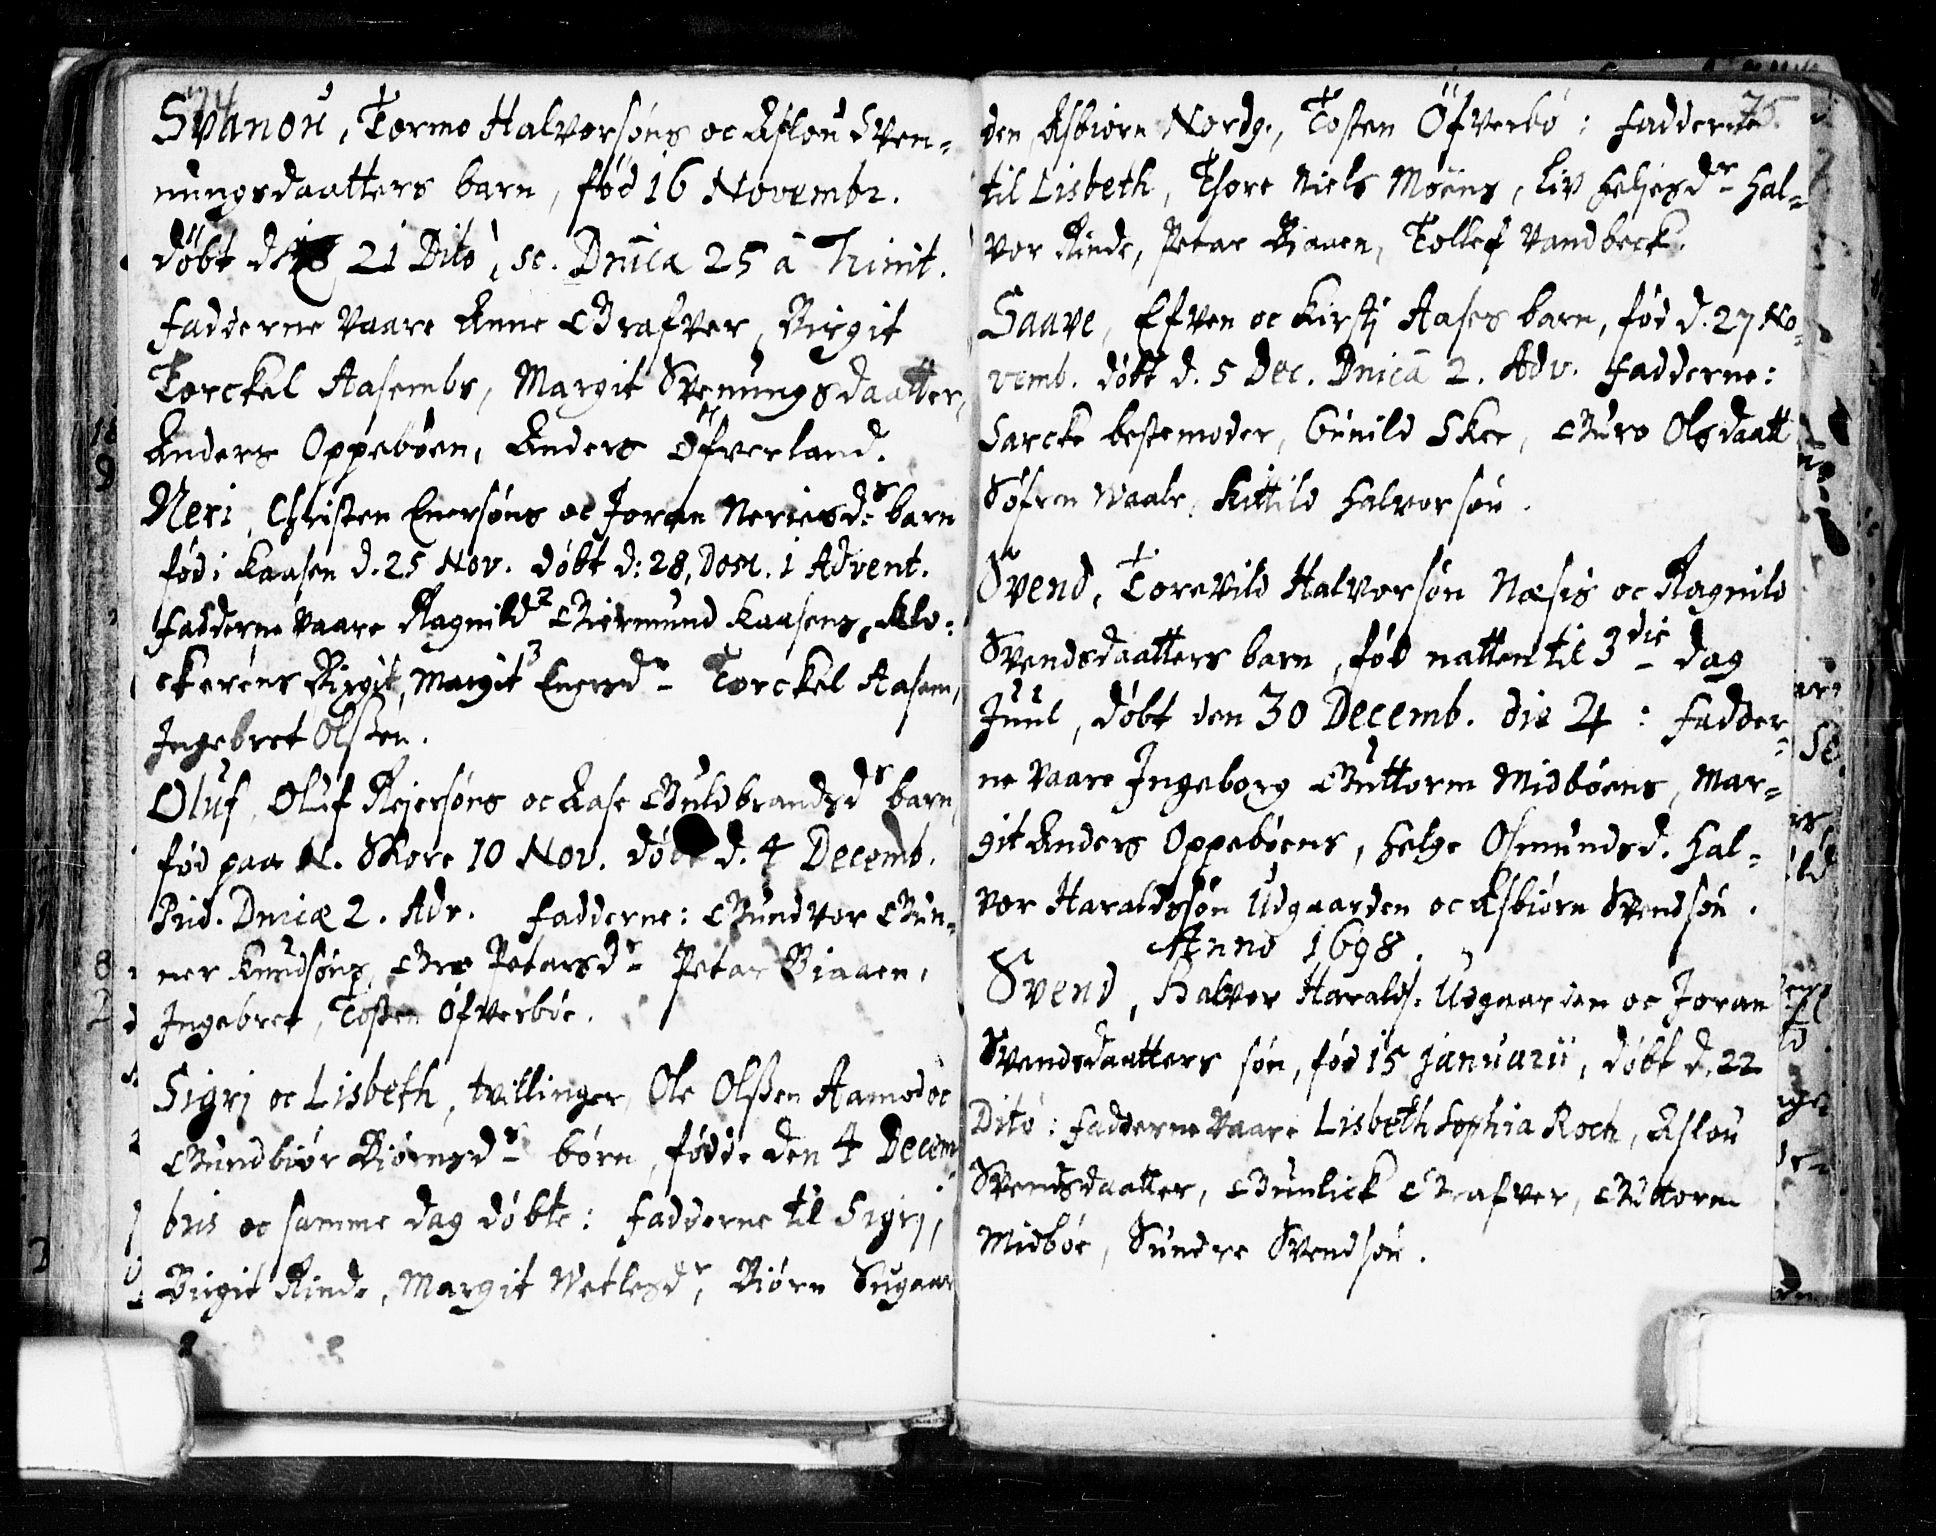 SAKO, Seljord kirkebøker, F/Fa/L0002: Ministerialbok nr. I 2, 1689-1713, s. 74-75